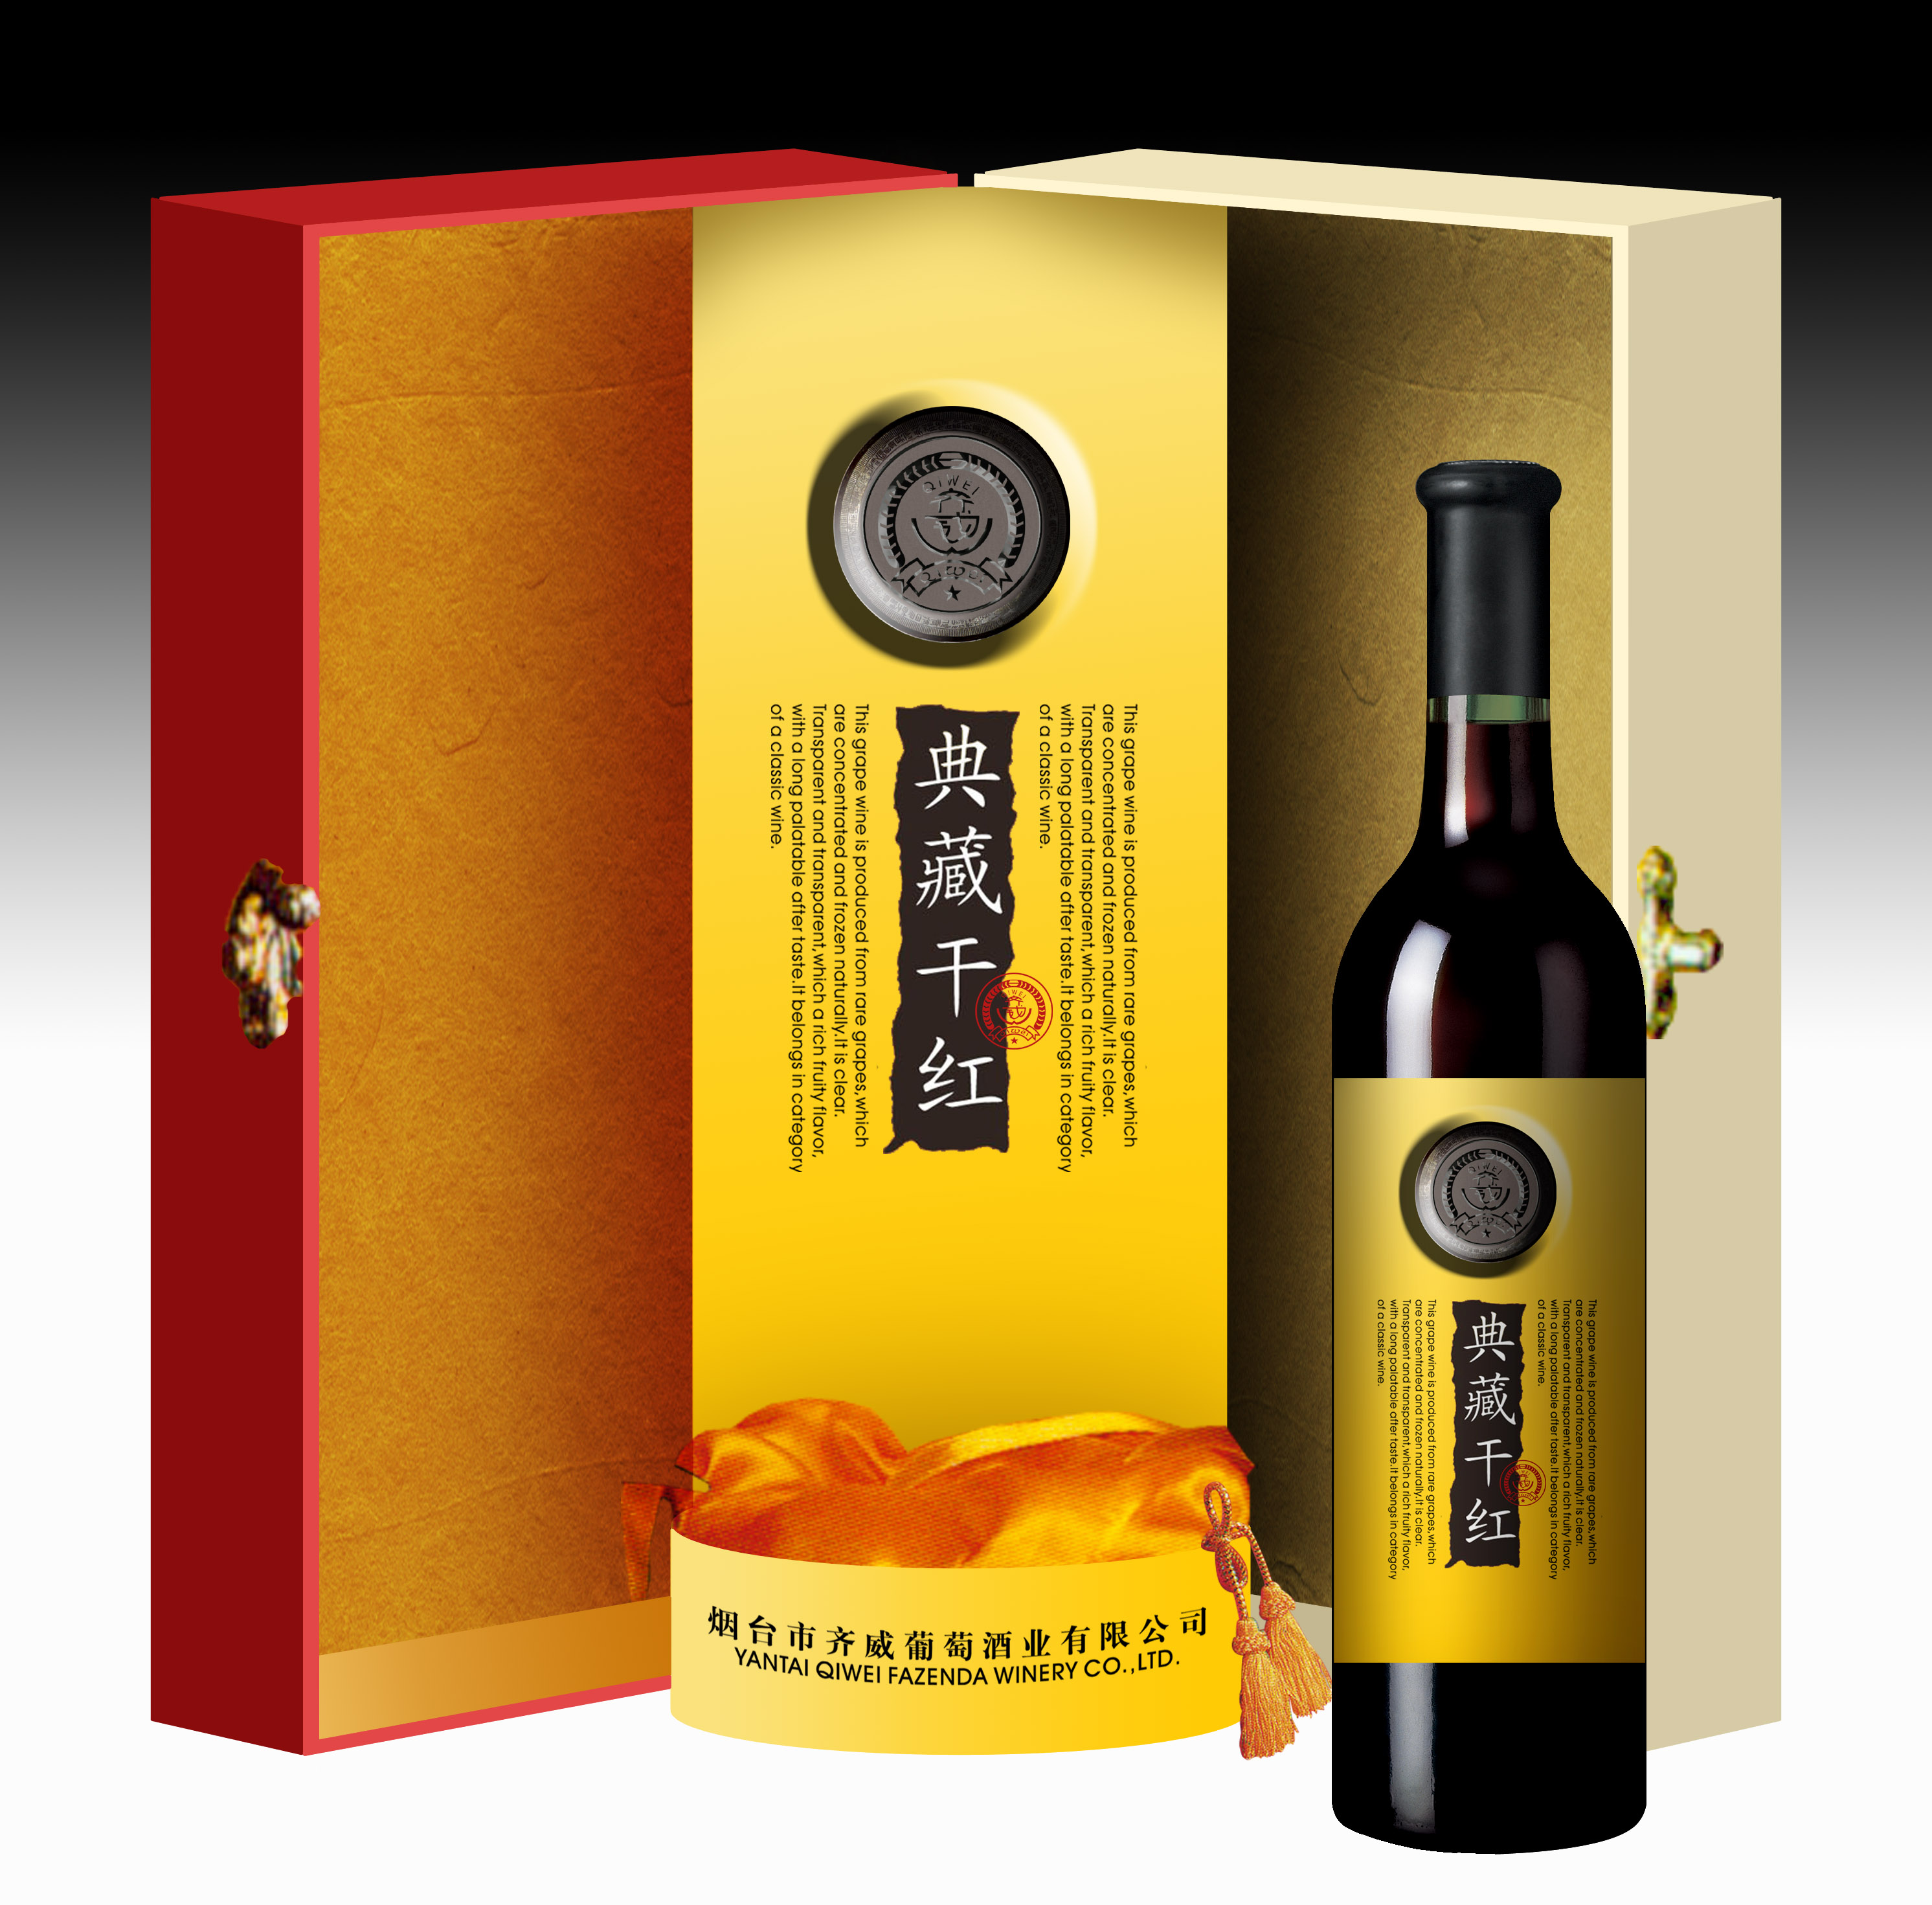 红酒包装盒设计 酒类包装 原创包装设计 第一设计网 全球人气最旺的设